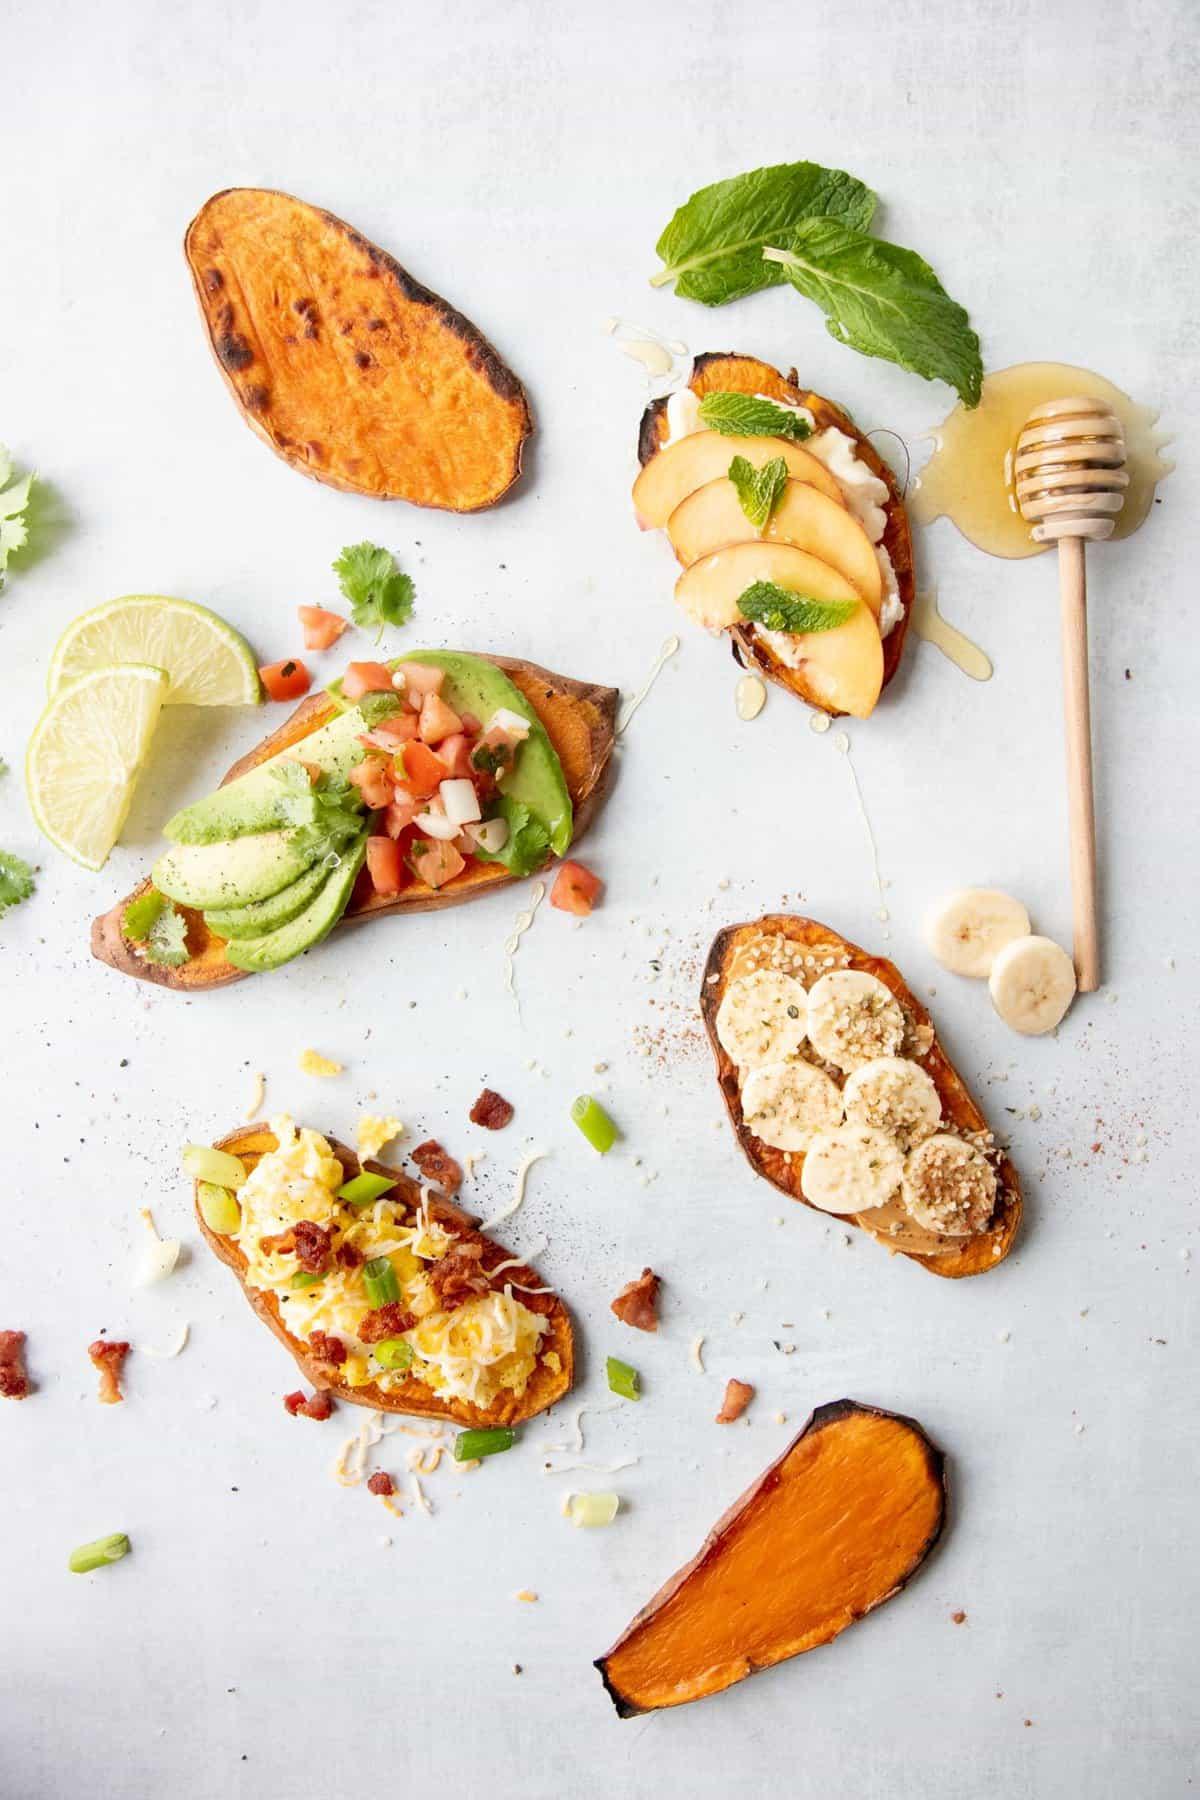 Four types of sweet potato arranged on a white background